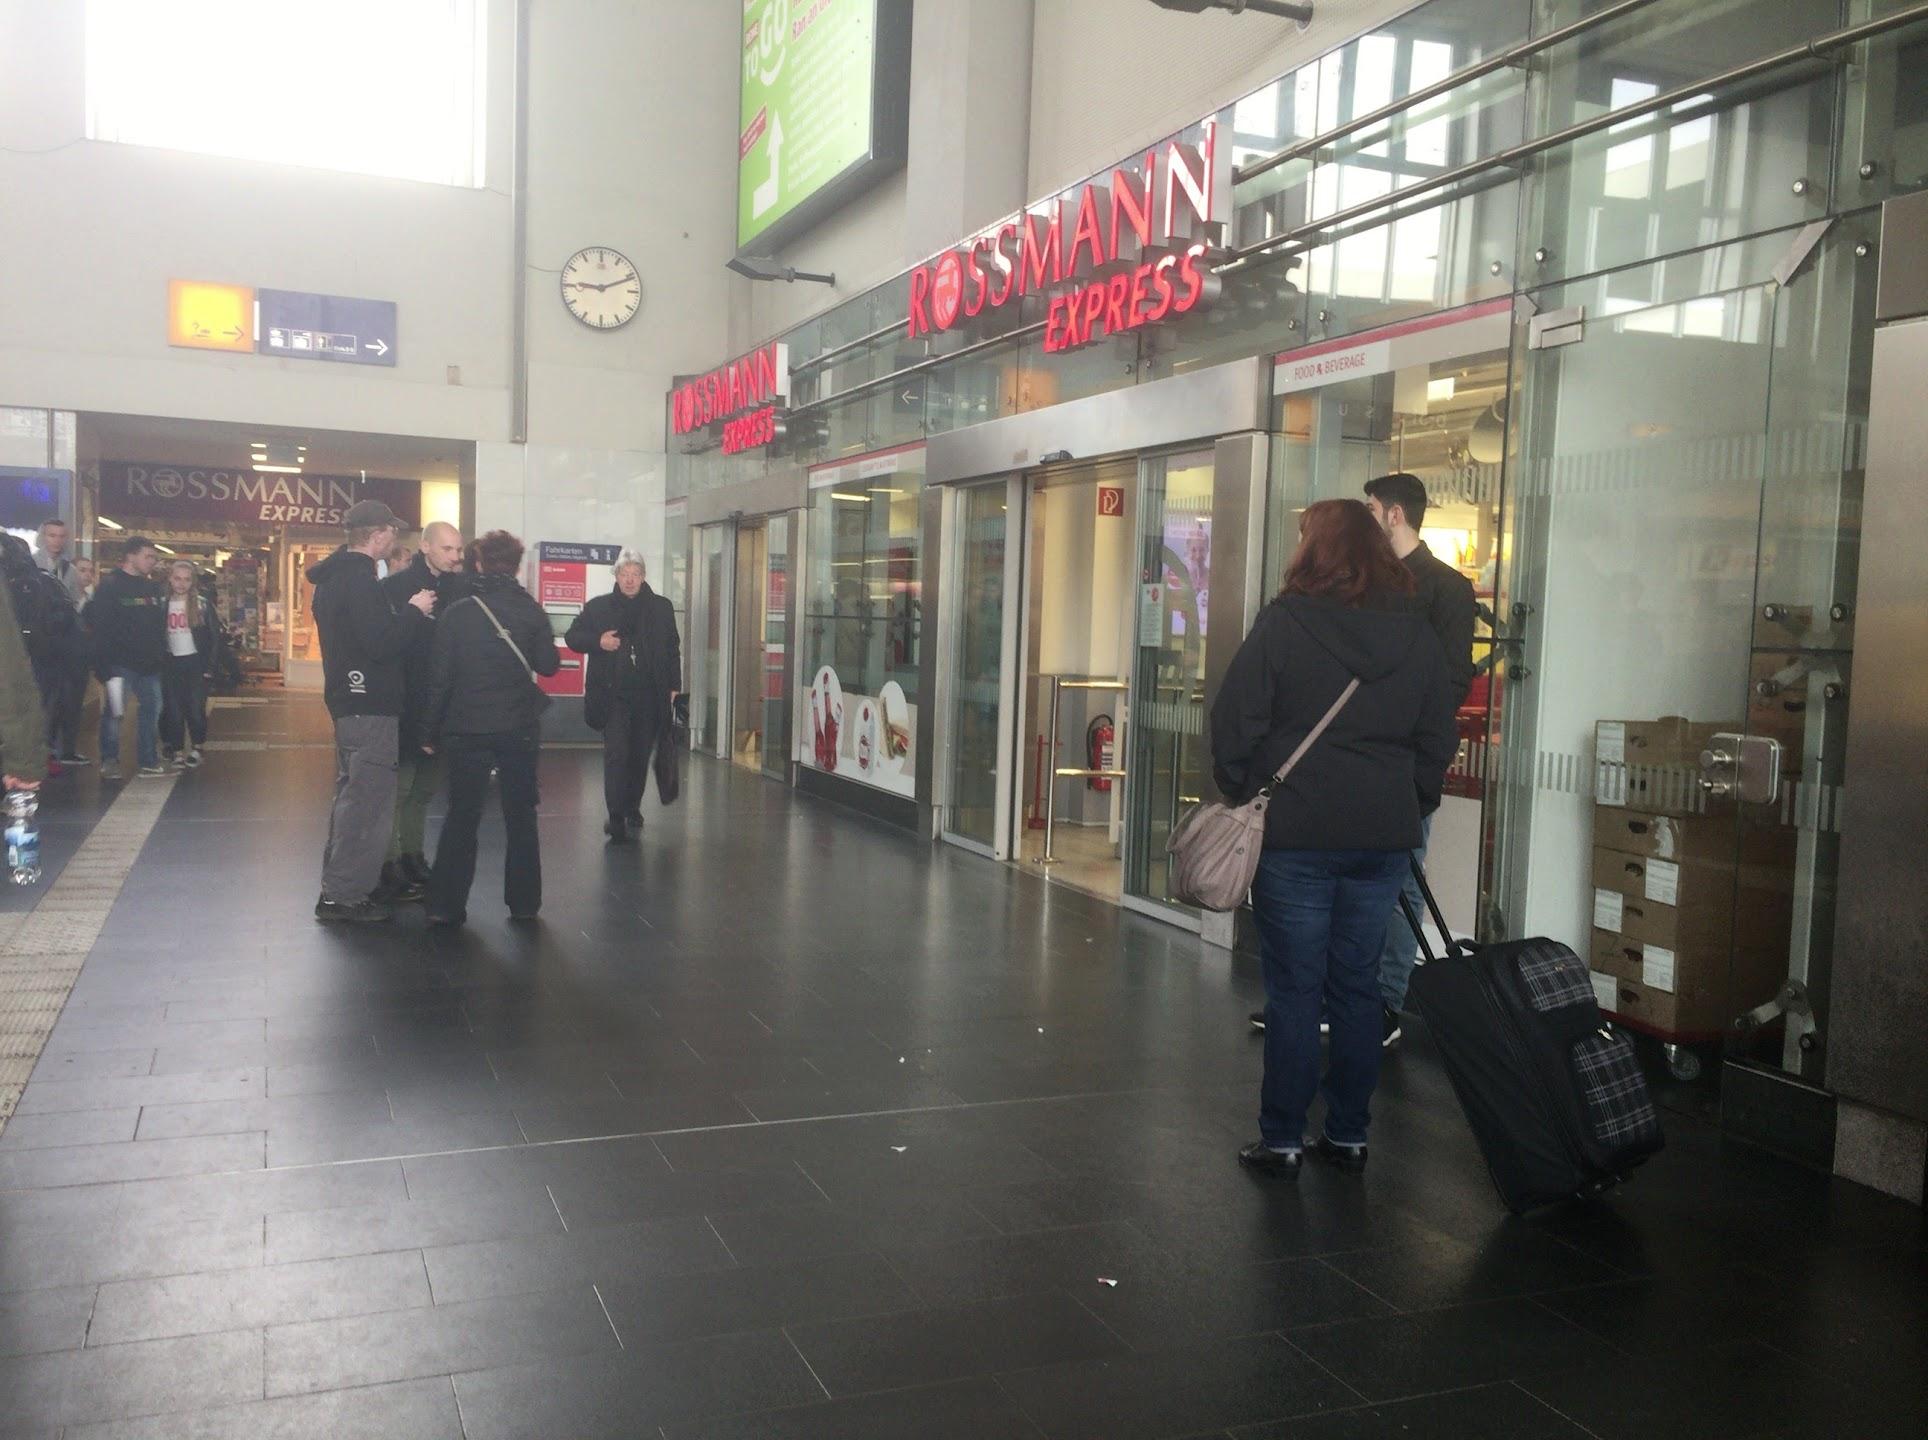 ドルトムントの駅にあるROSSMANN(ロスマン)Express